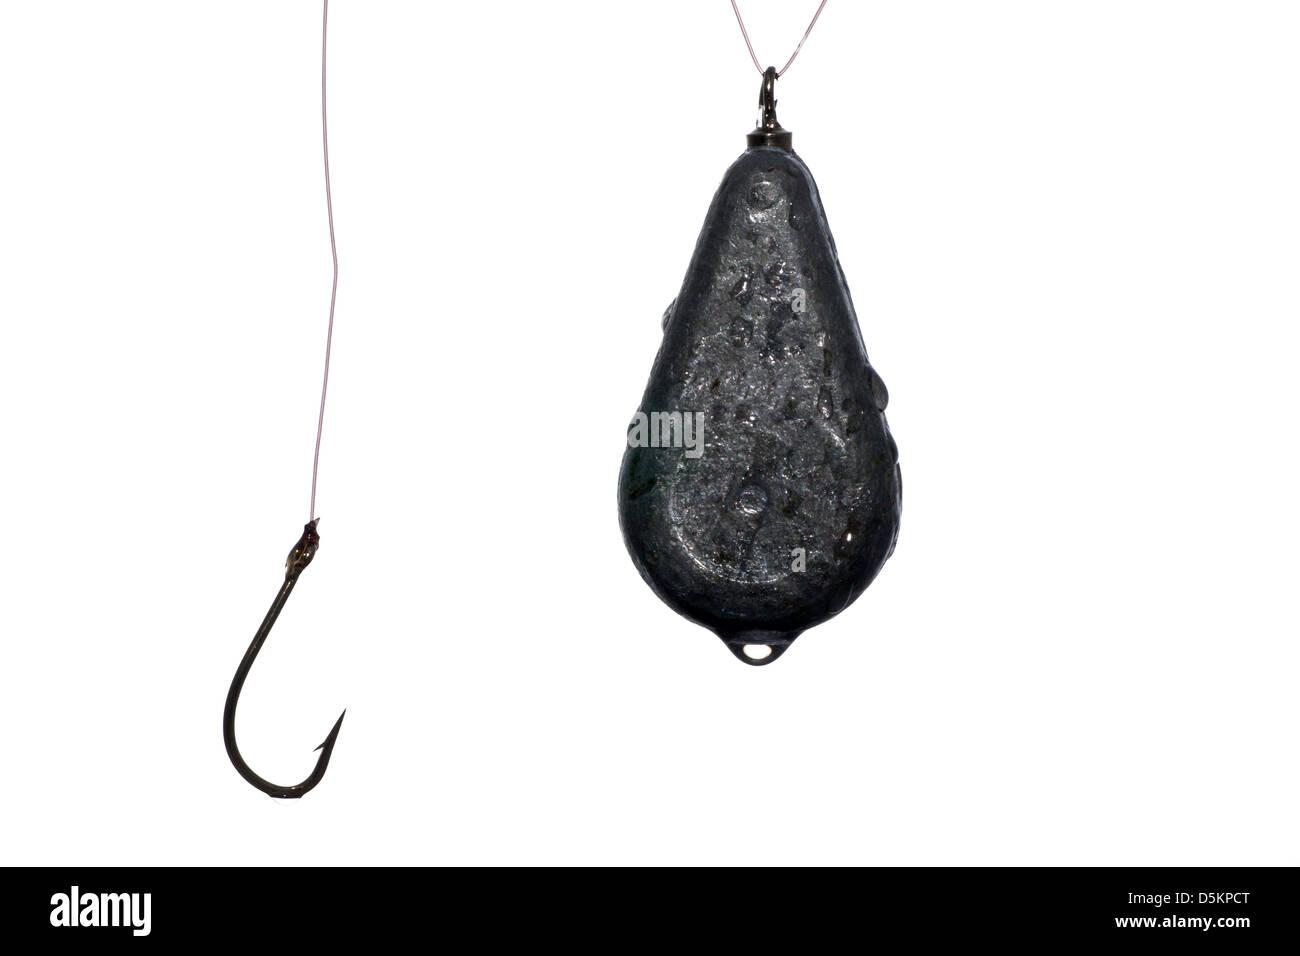 Crochet de pêche avec la ligne et le poids des gouttes avec de l'eau Photo Stock